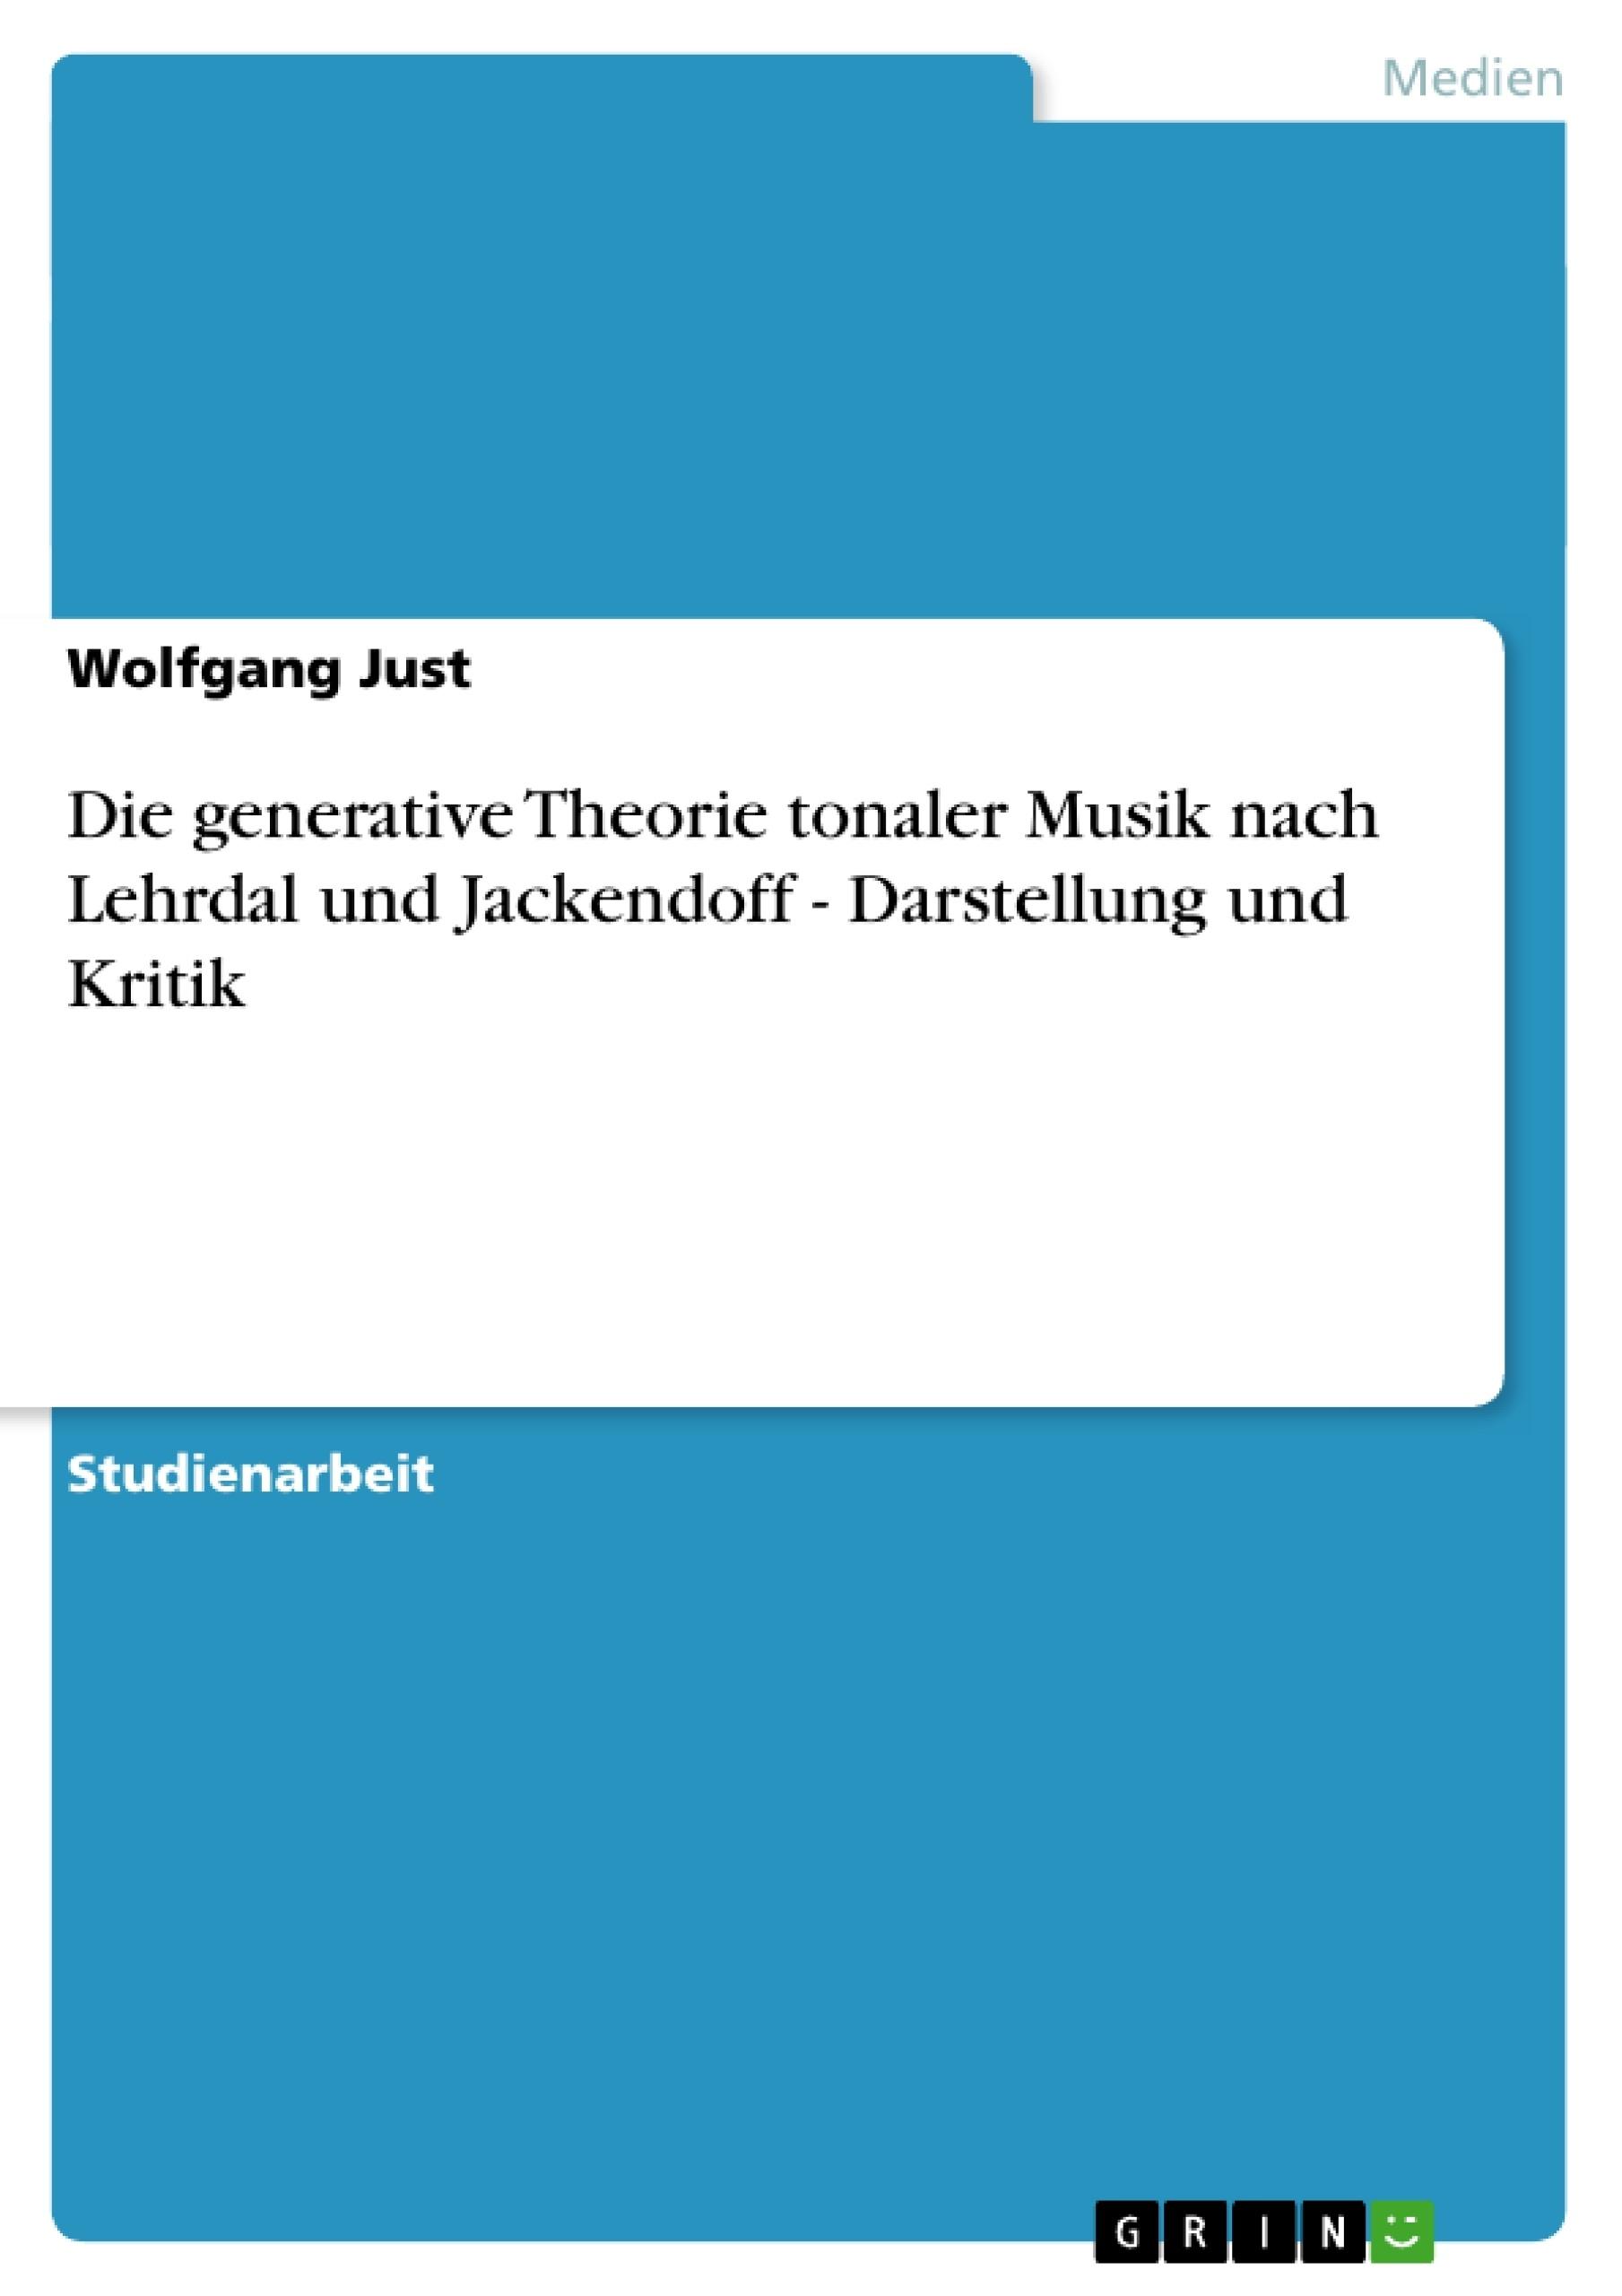 Titel: Die generative Theorie tonaler Musik nach Lehrdal und Jackendoff - Darstellung und Kritik